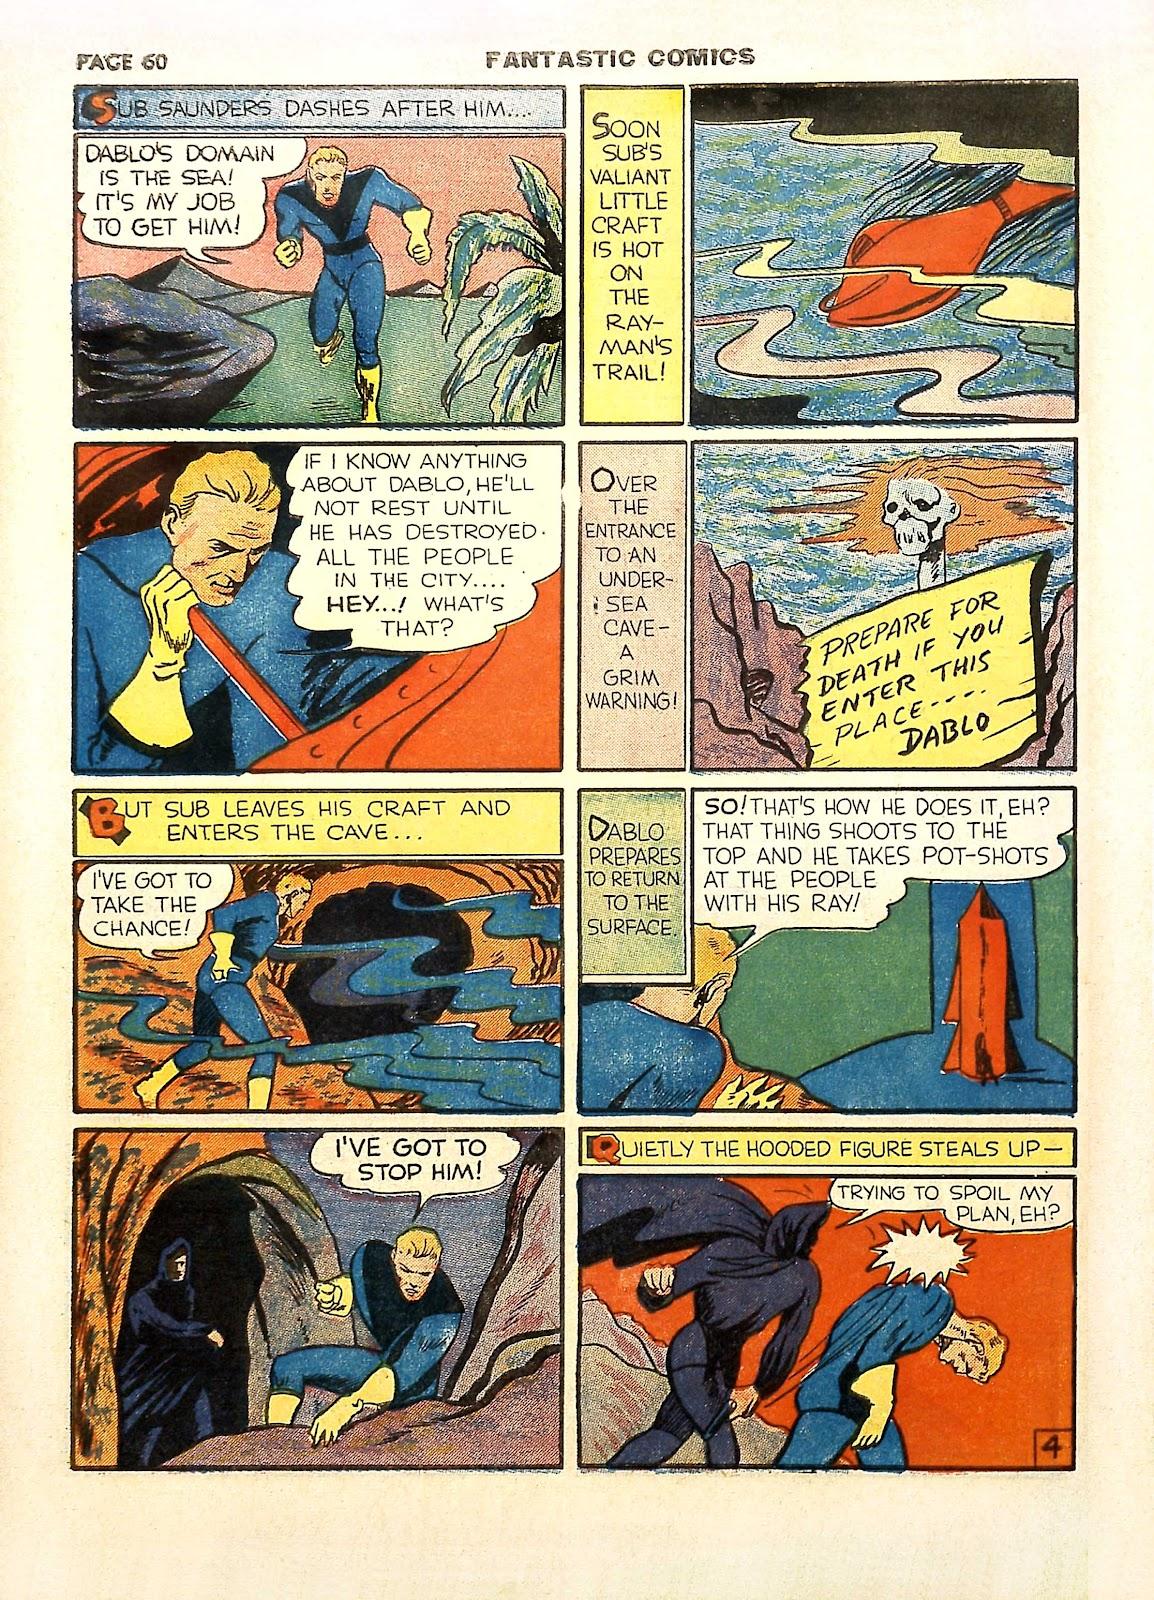 Read online Fantastic Comics comic -  Issue #11 - 63